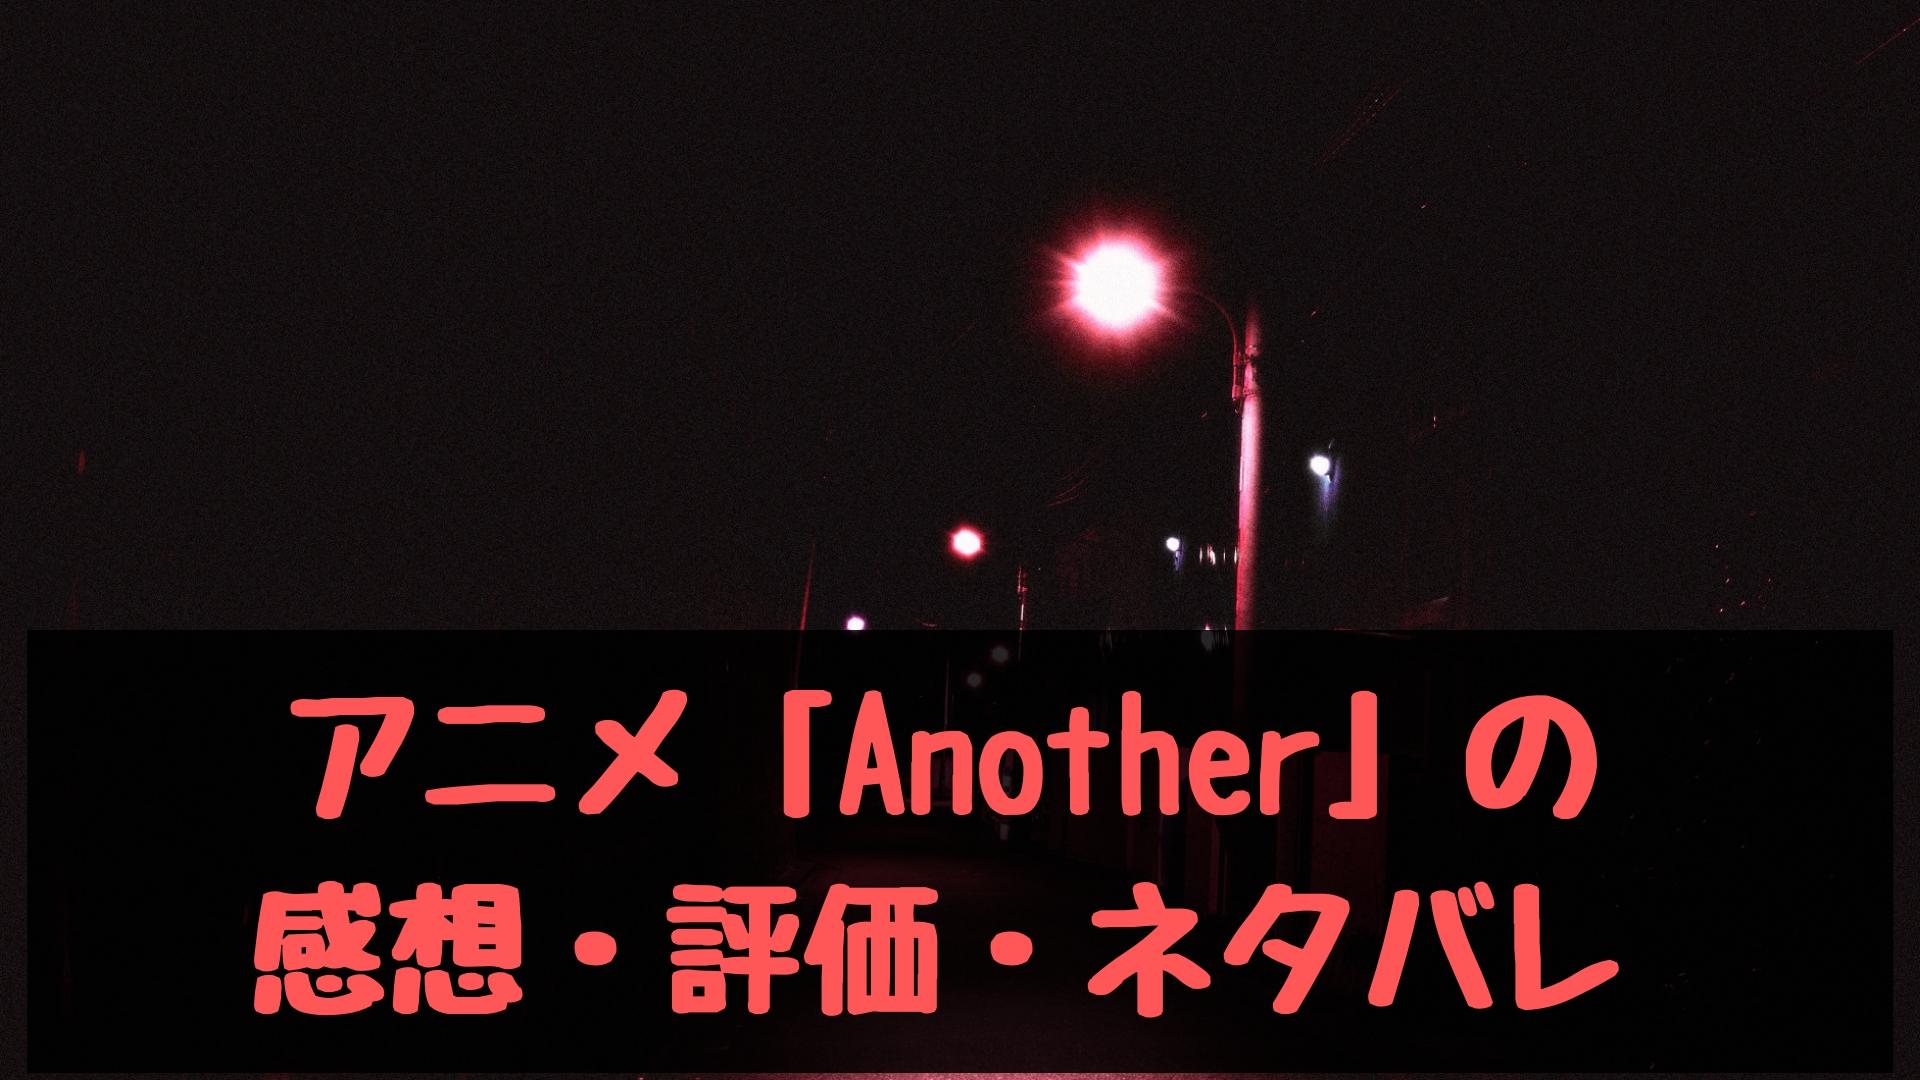 アニメ「Another」の感想・評価・ネタバレ。美麗キャラが残酷に散る伝説のホラー作!